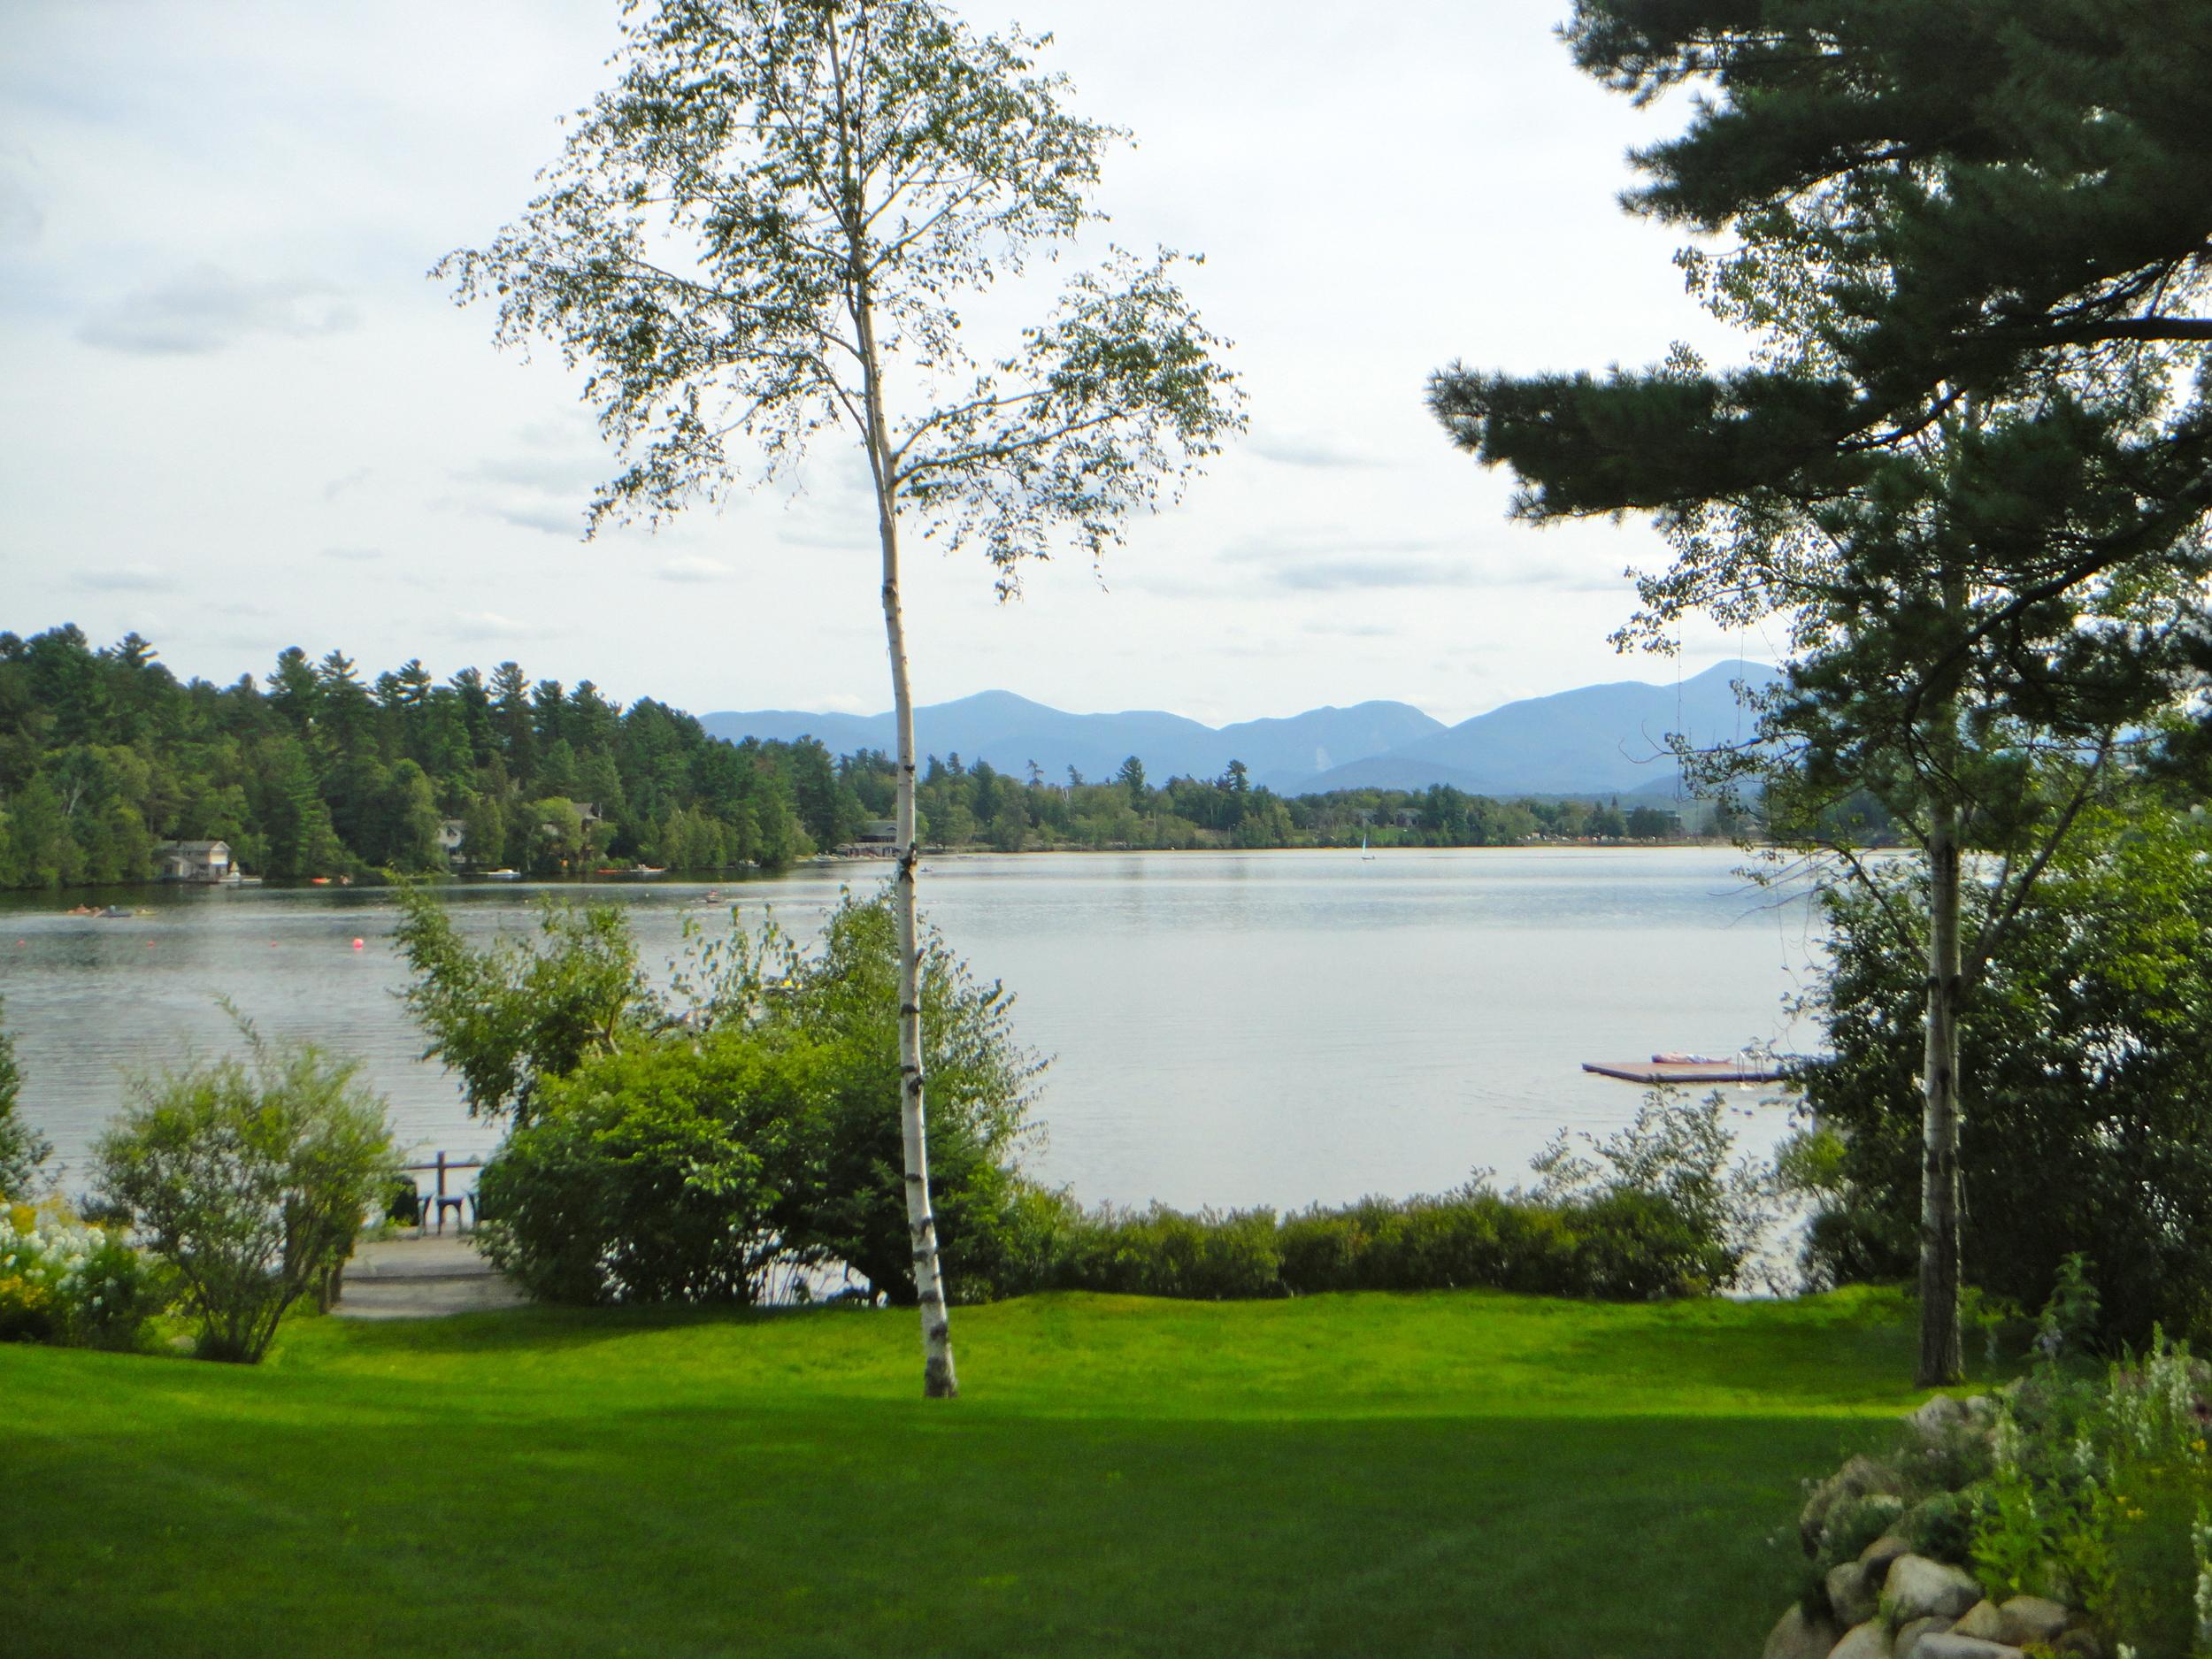 Mirror Lake Inn lawn and views